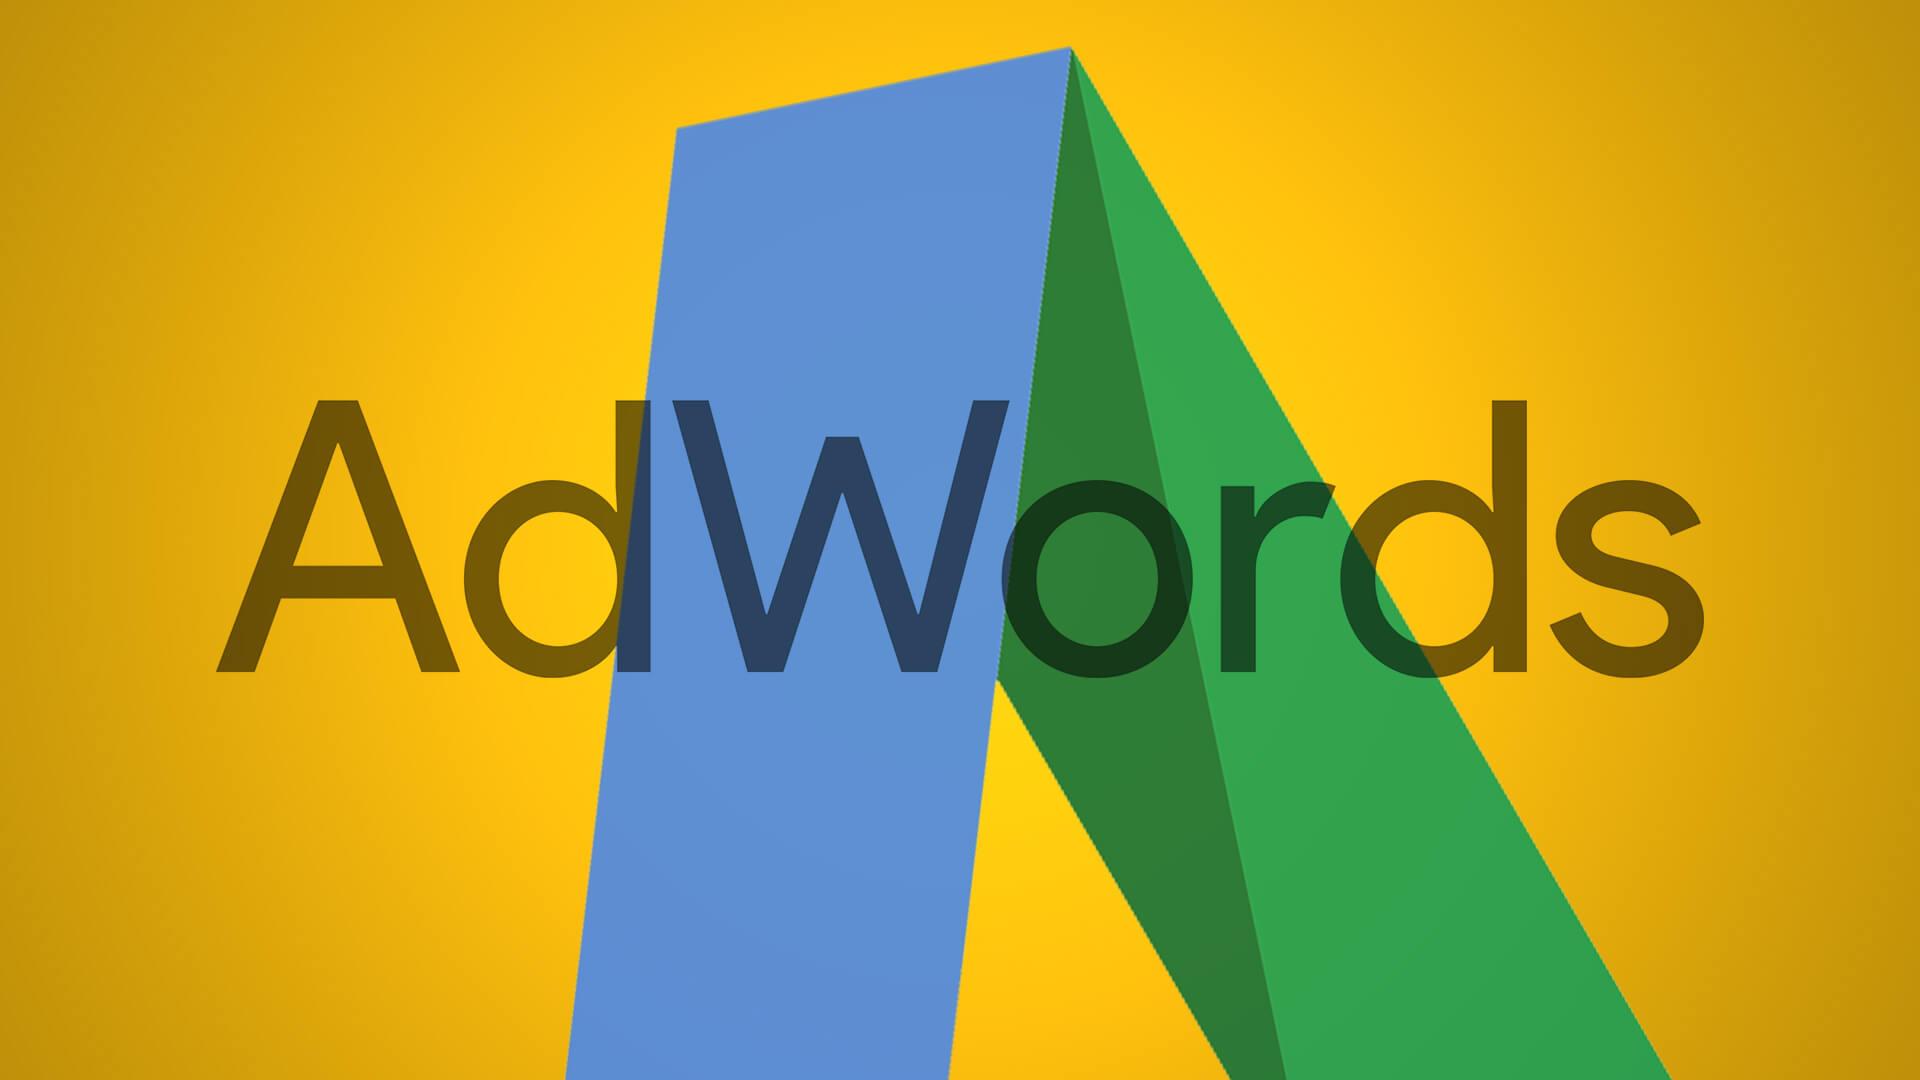 Phương pháp tính phí quảng cáo google adwords là gì?   Seo website   Seo website top google   Seo website tự nhiên   Seo website giá rẻ   Seo website tổng